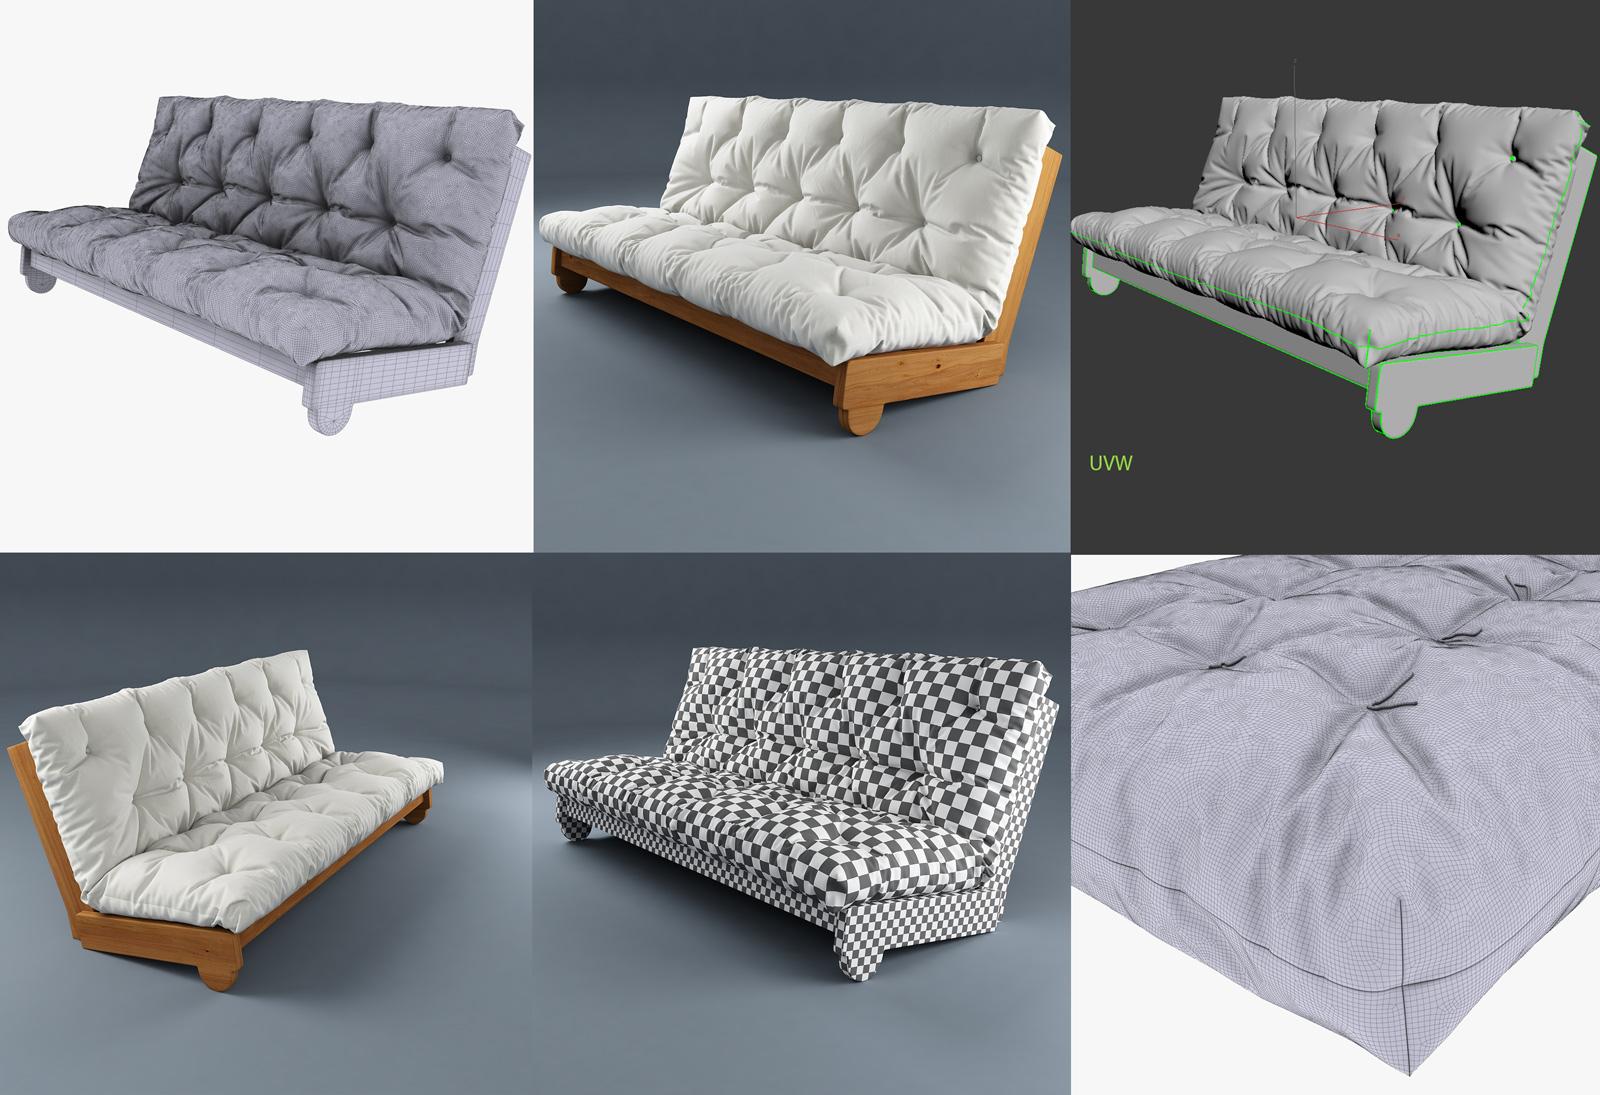 3d modeling of furniture